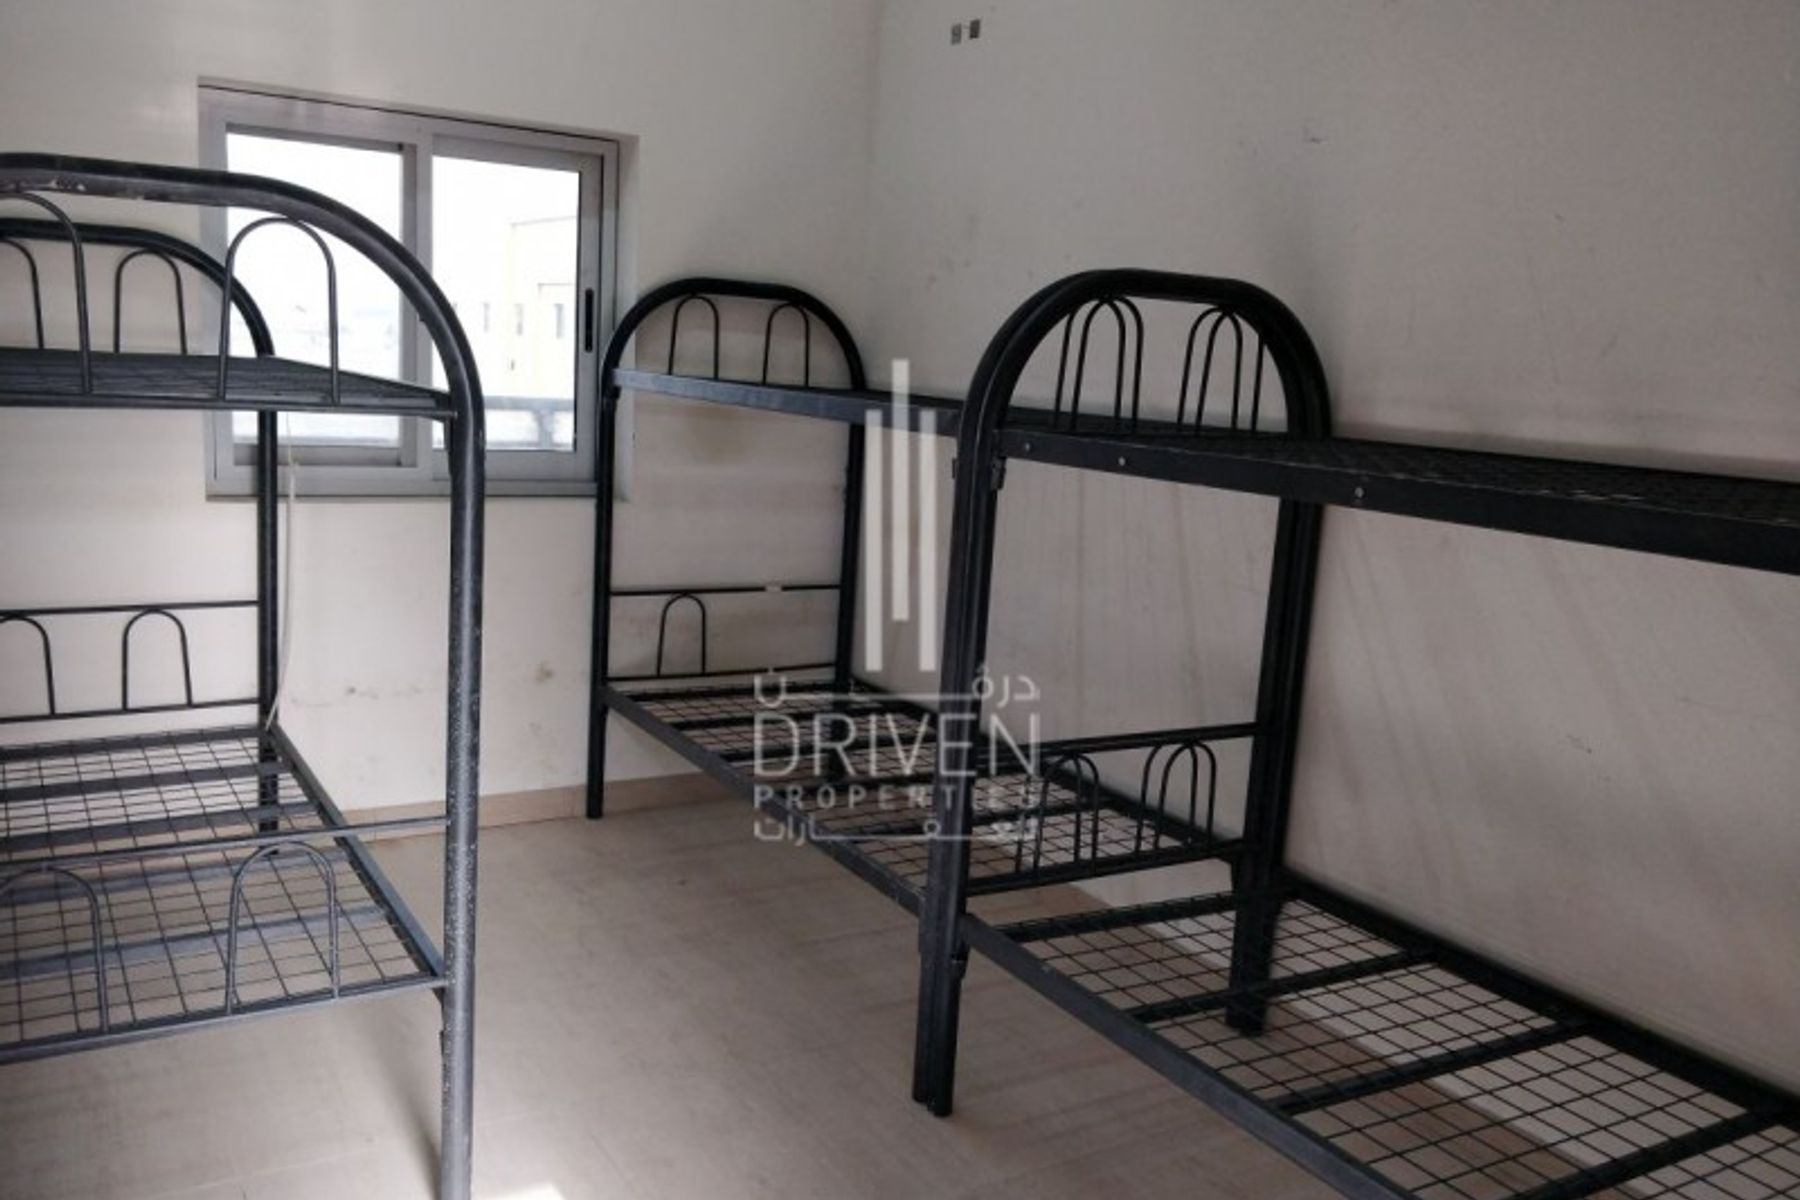 للايجار - مخيم عمال - شمال المنطقة الحرة - جبل علي